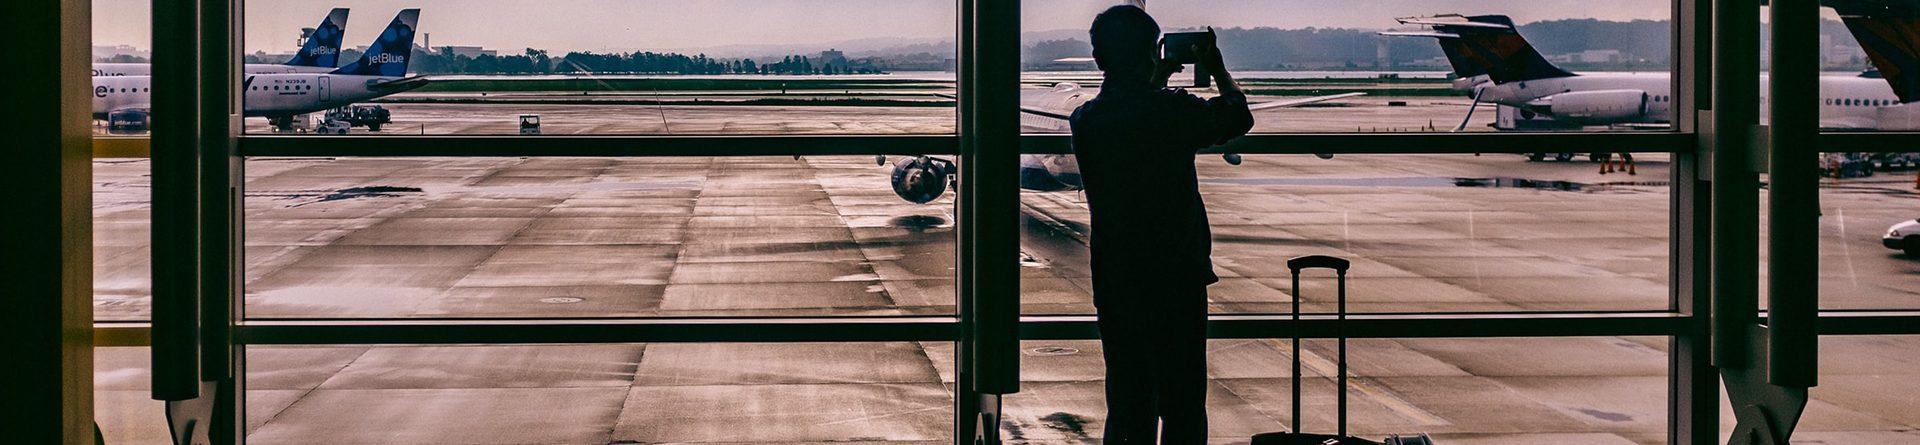 Бесплатная встреча в аэропорту